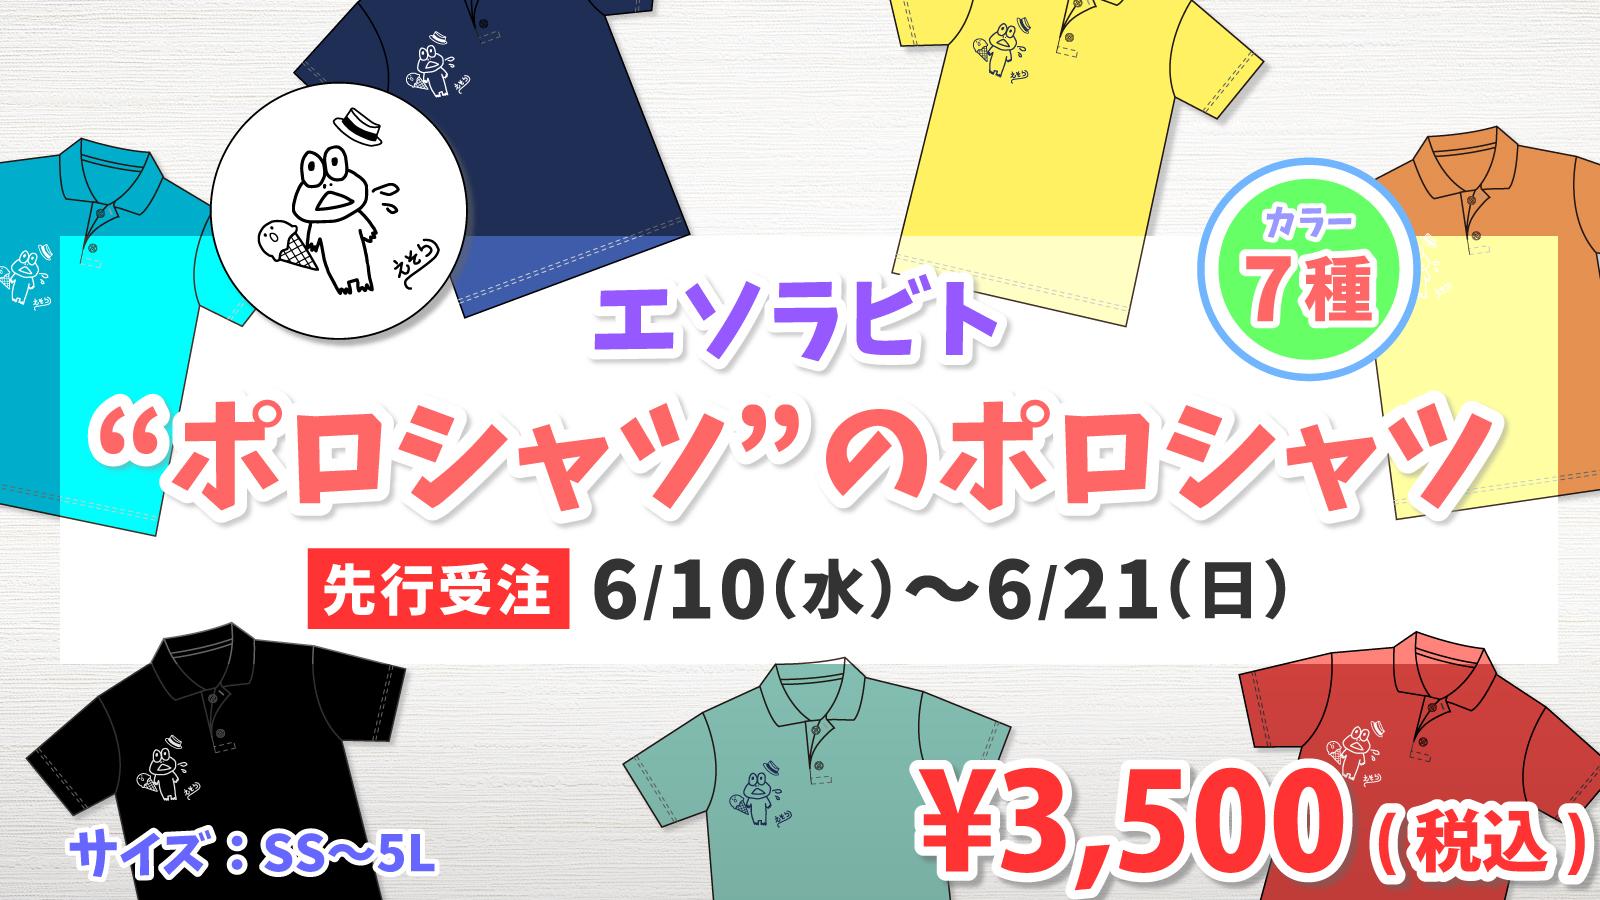 初グッズ!オリジナルポロシャツの先行受注がスタート!6/10〜6/21